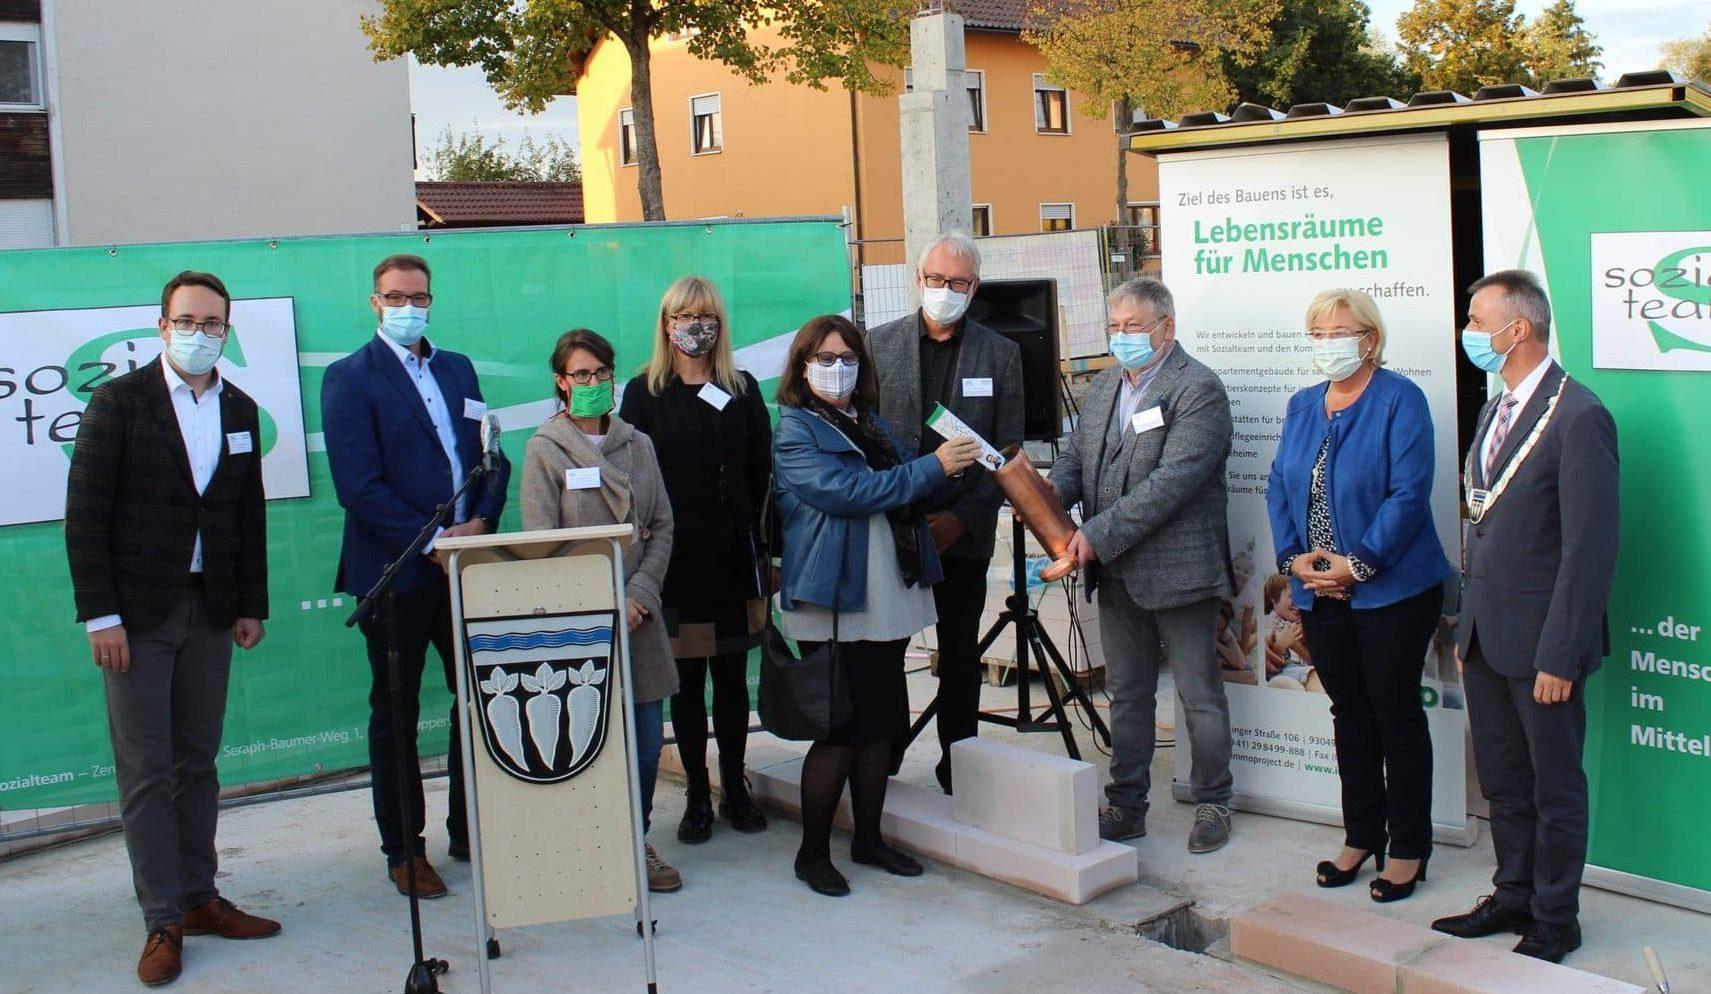 Neuer Lebensraum für Senioren in Pfatter Senioren-Servicehaus: zukunftsweisendes Wohn-, Betreuungs- und Pflegeprojekt